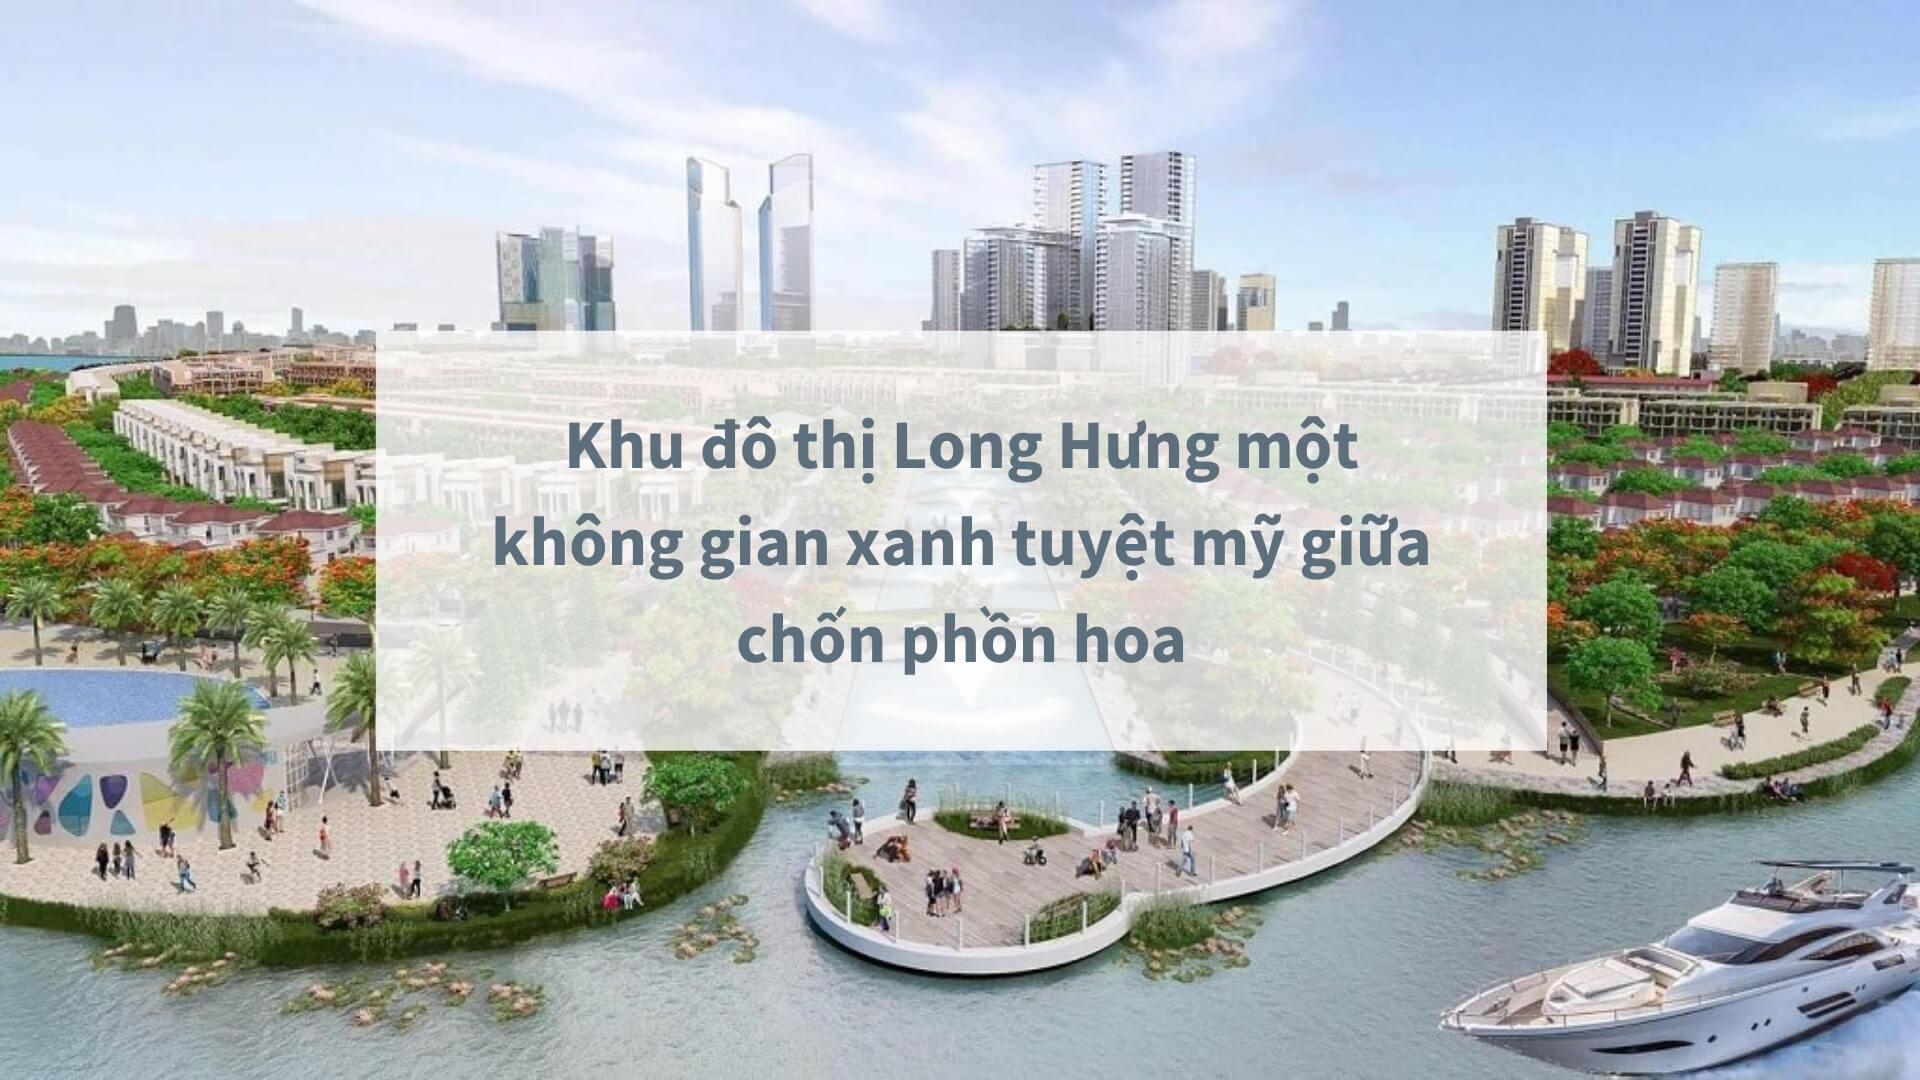 Khu đô thị Long Hưng